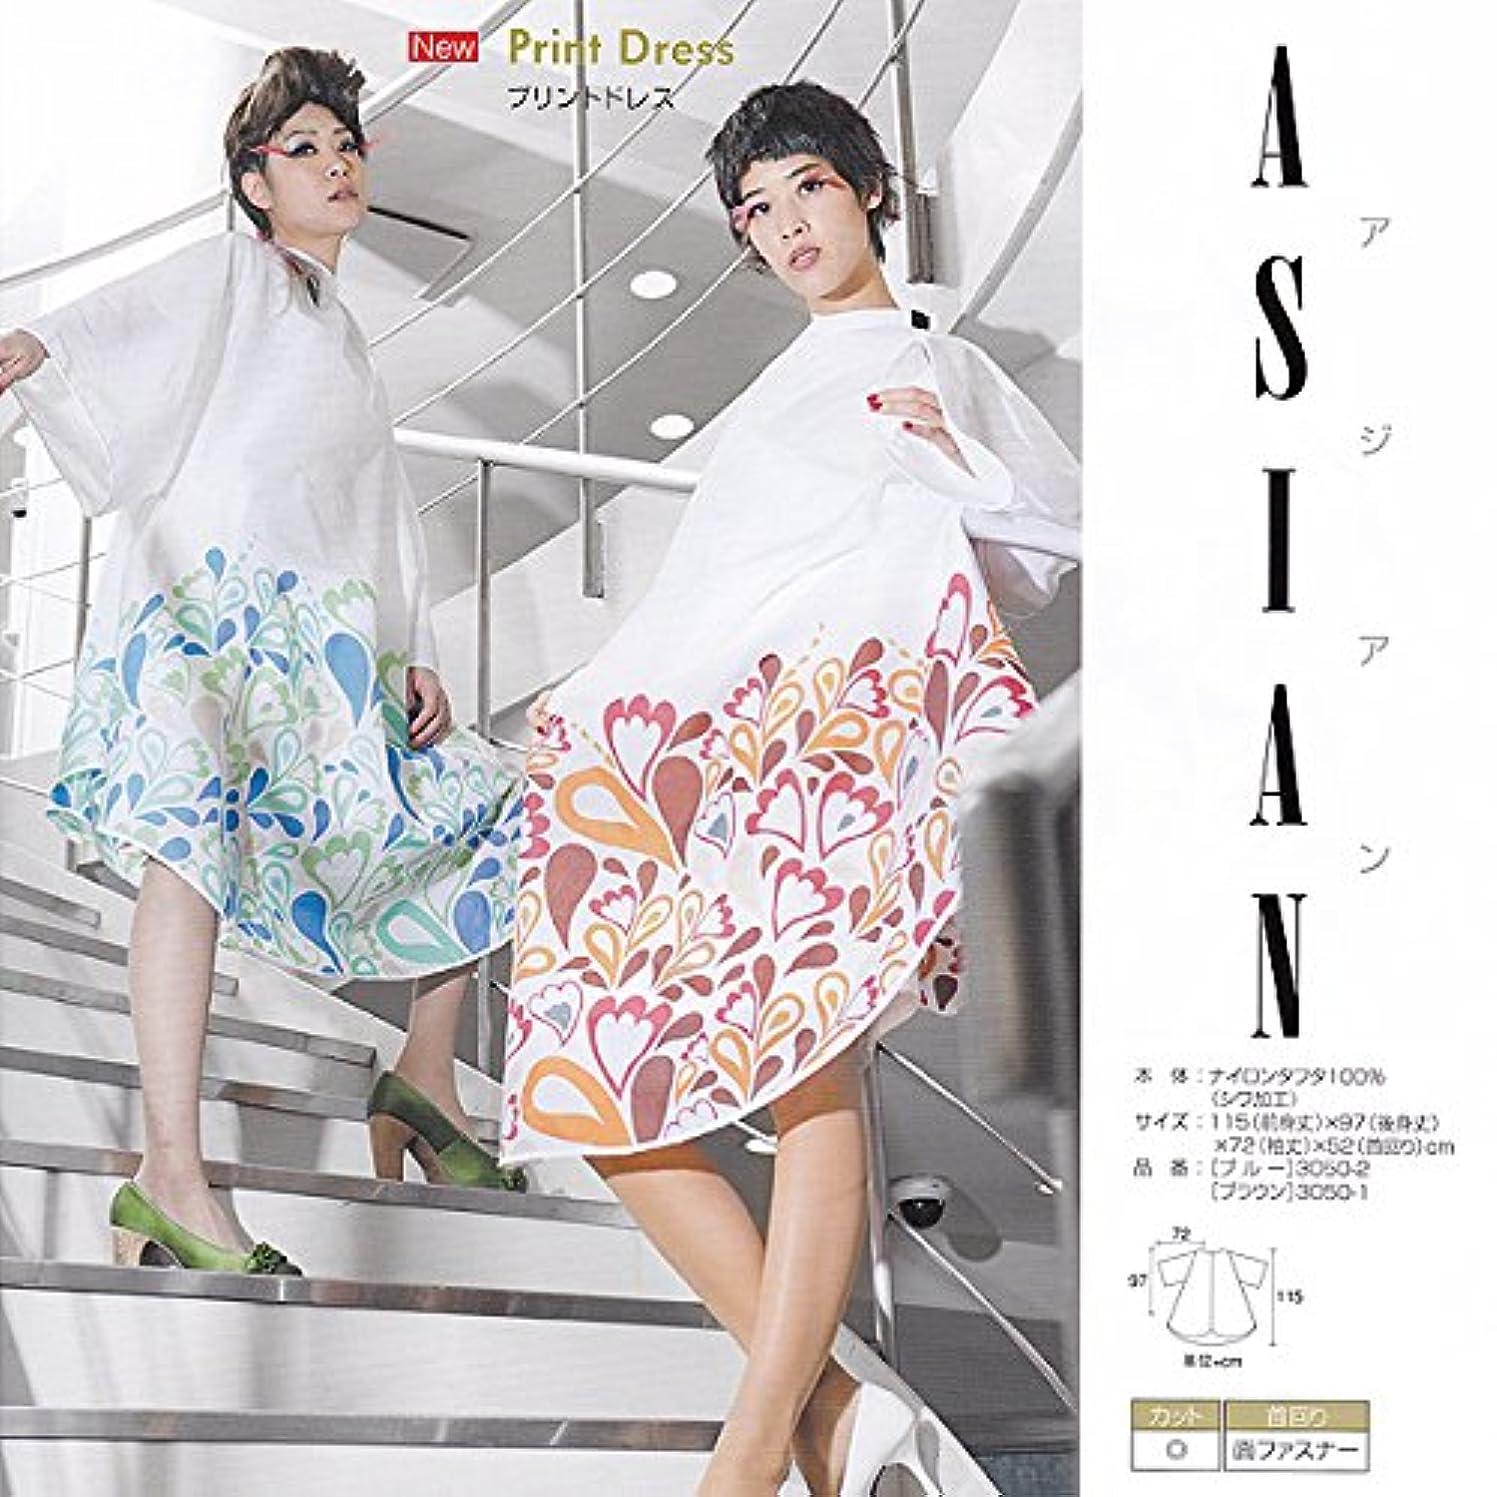 変わる違う加速度WAKO ASIAN アジアンプリントドレス №3050 3050-2(アジアンブルー) 115(前身丈)×97(後身丈)×72(袖丈)×52(首回リ)